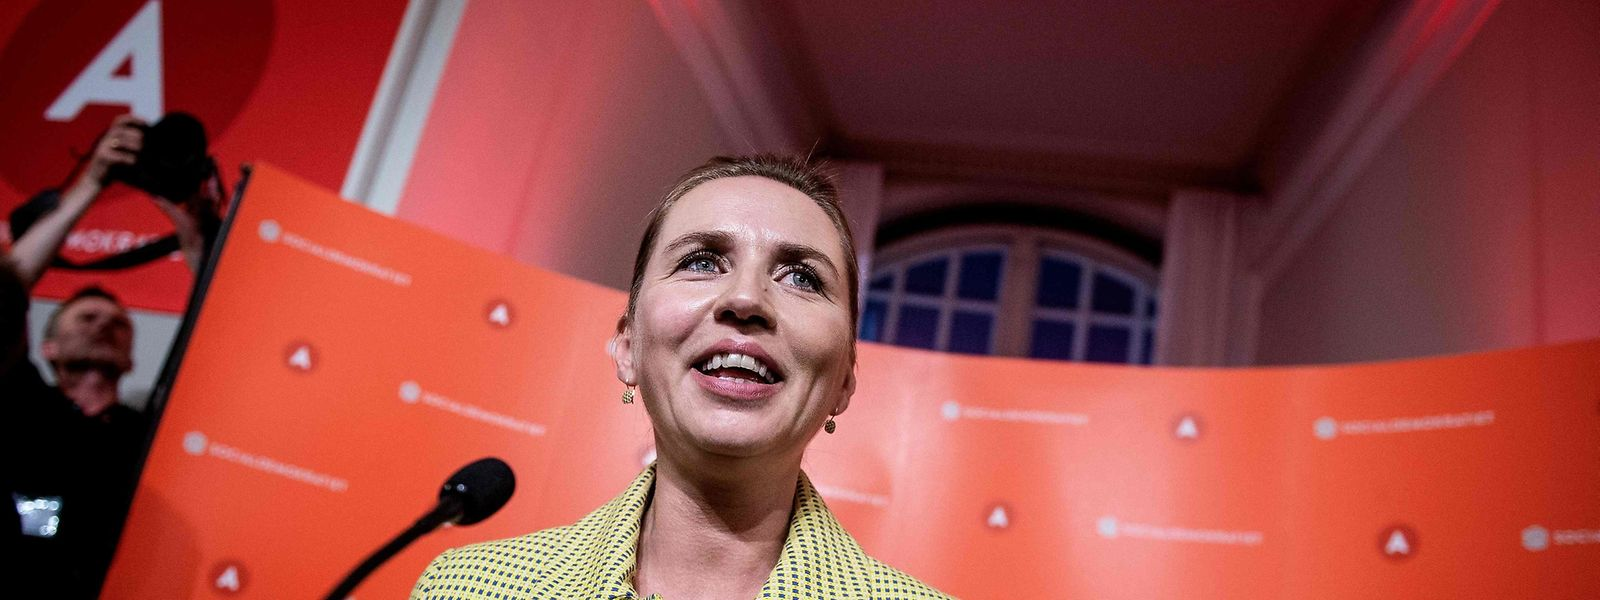 Die Sozialdemokratin Mette Frederiksen könnte die jüngste dänische Regierungschefin werden.